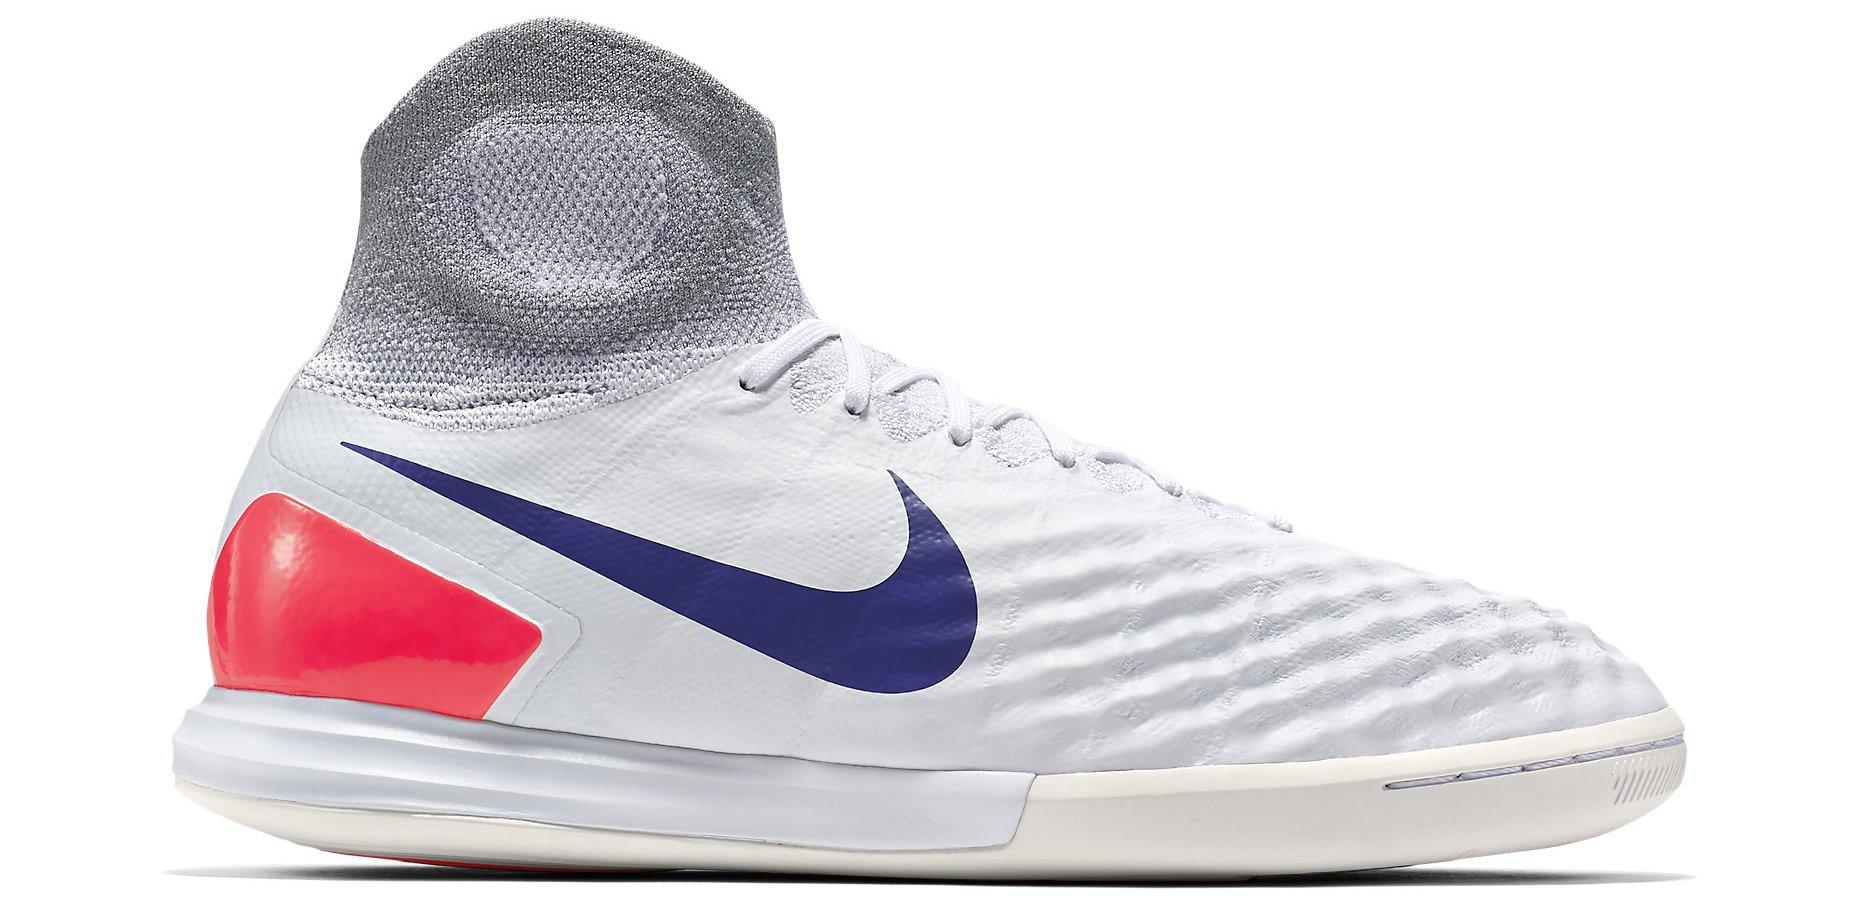 Sálovky Nike Magistax Proximo II IC